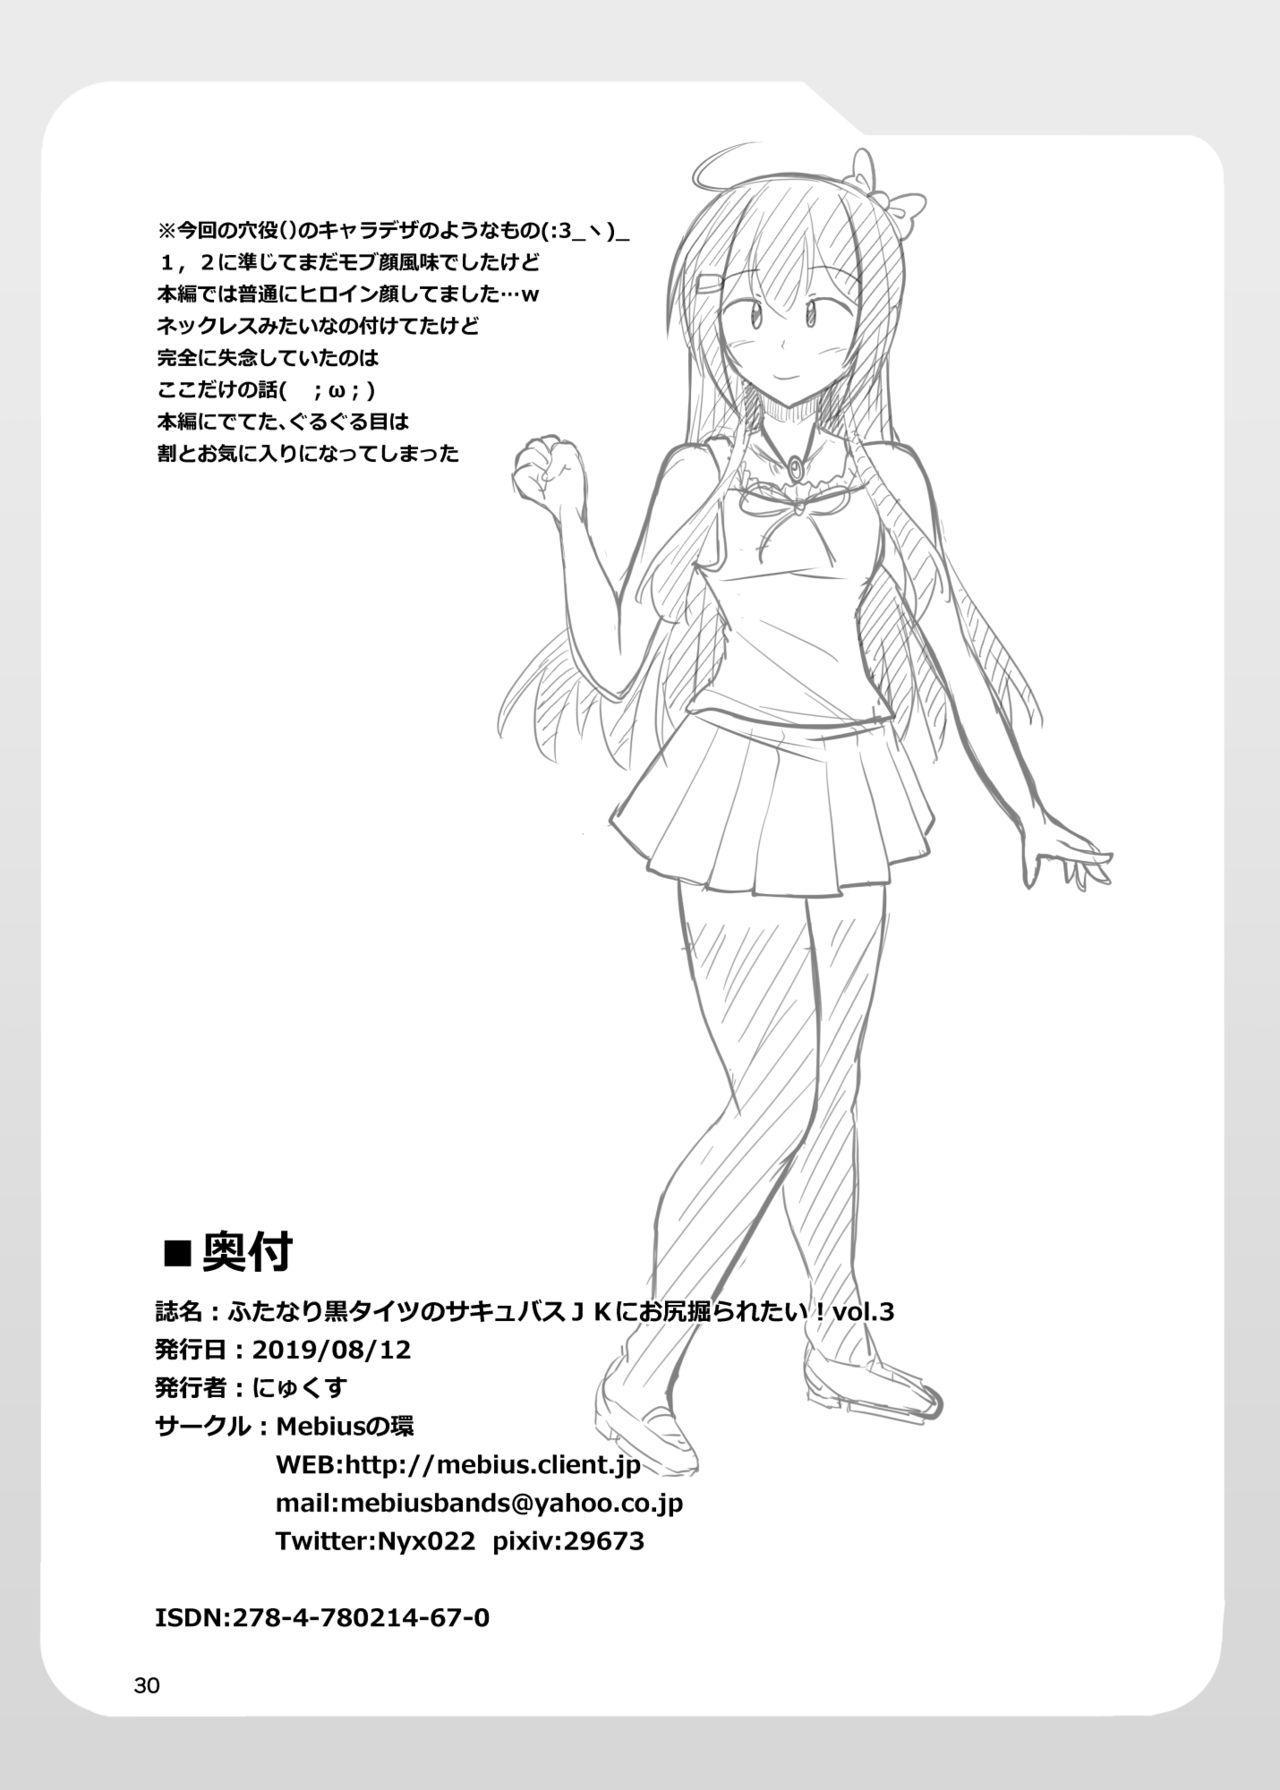 Futanari Kuro Tights no Succubus JK ni Oshiri Horaretai vol. 3 29